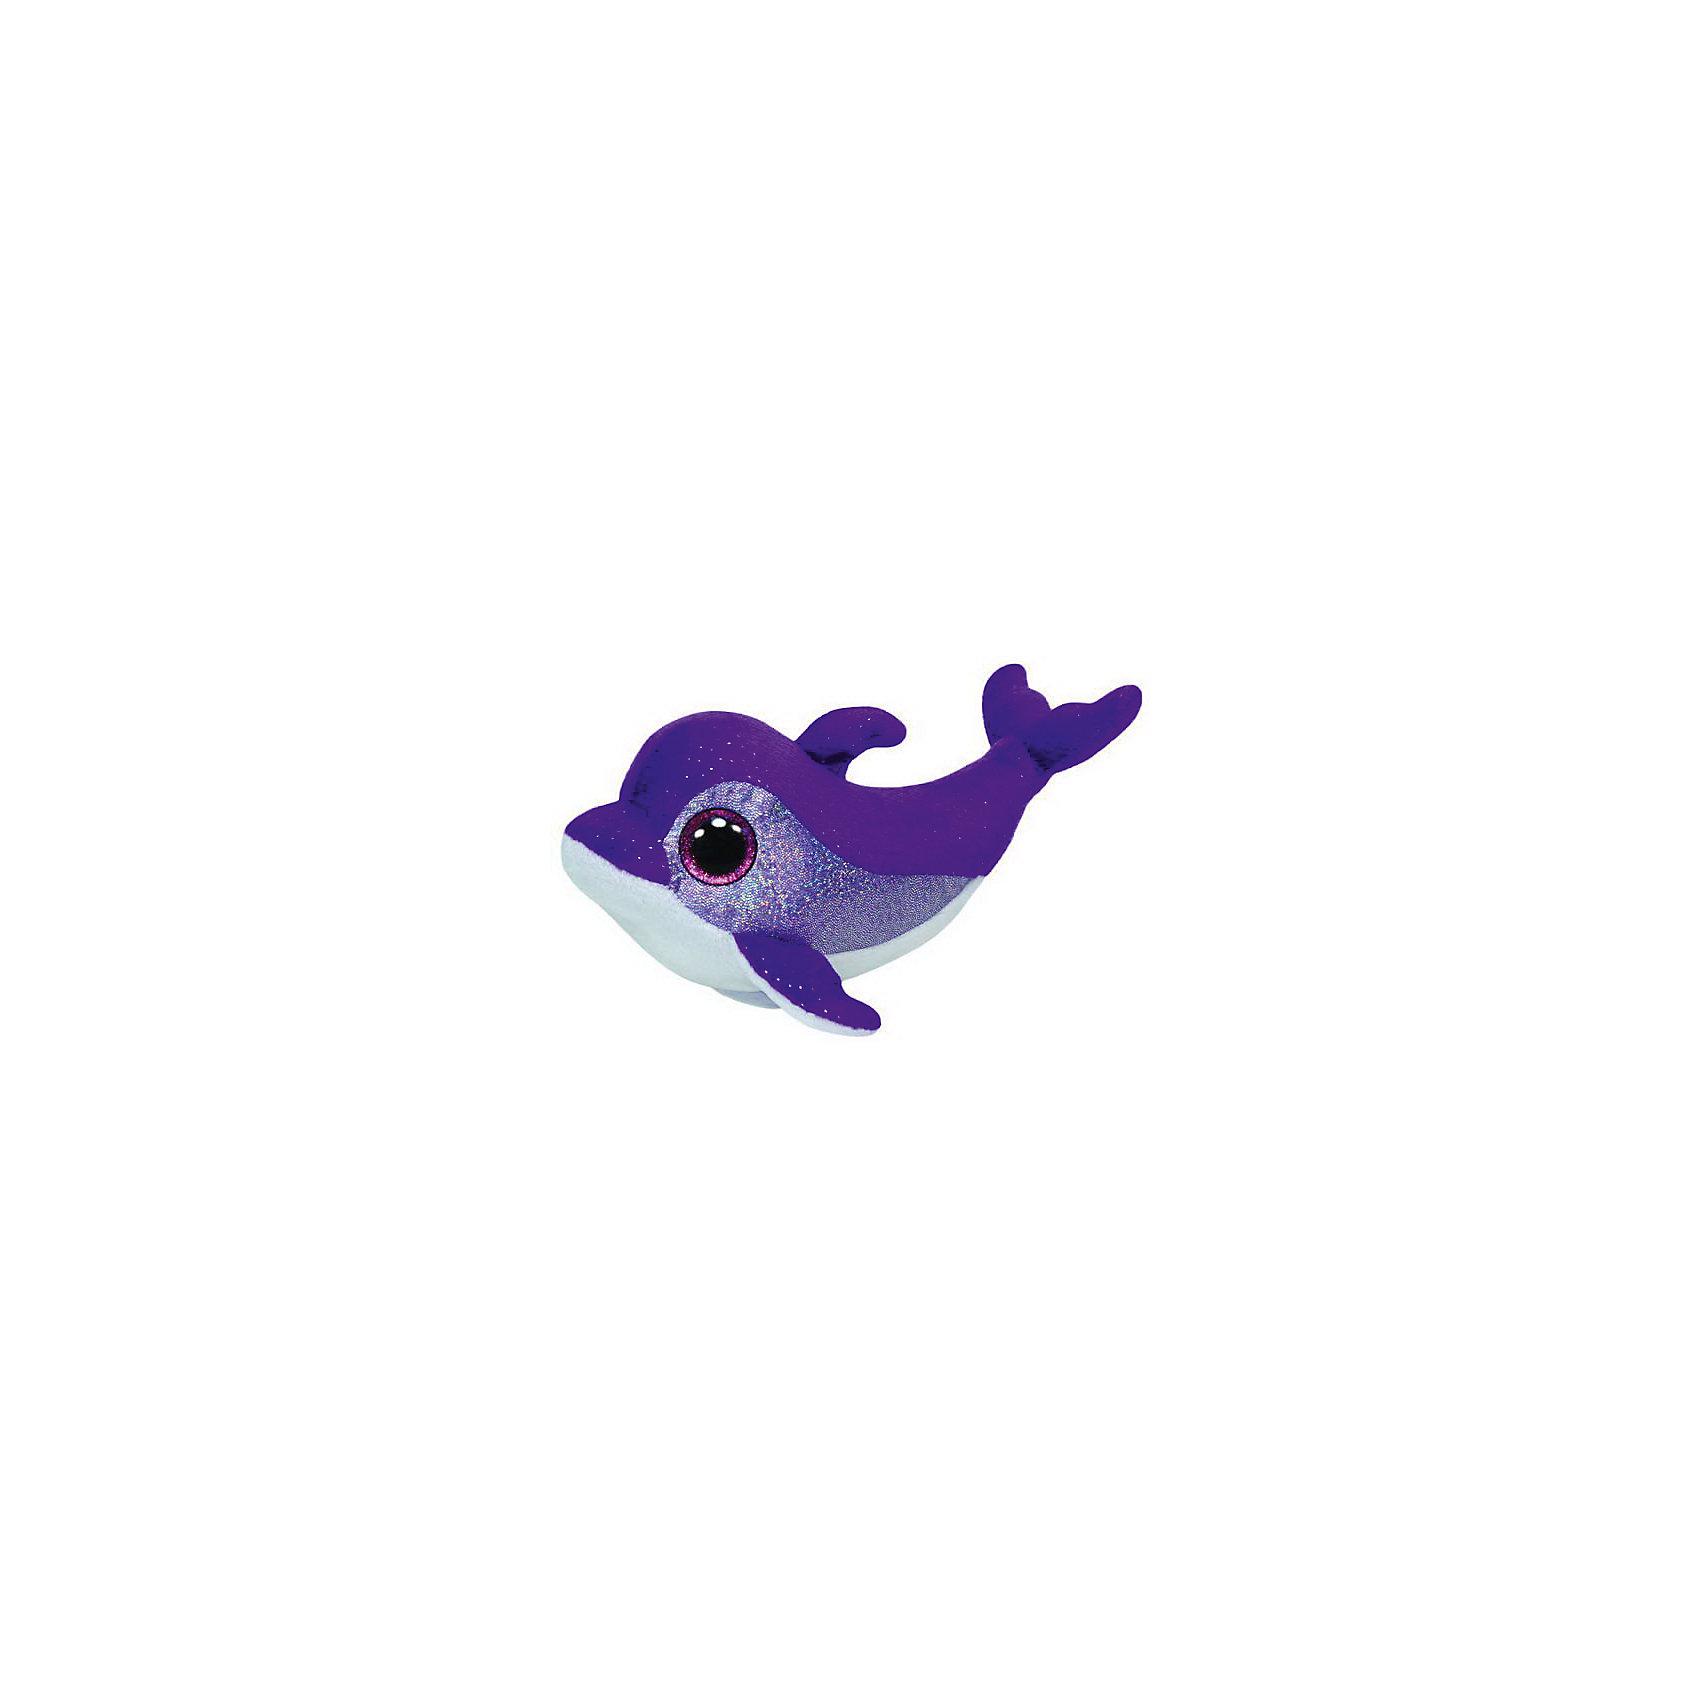 Дельфин Flips, 15,24 смЗамечательный Дельфин Flips от Ту станет самым лучшим другом Вашему малышу. Он станет любимой игрушкой, с которой можно весело играть днем и уютно засыпать ночью. Игрушечный дельфинчик составит приятную компанию малышу на прогулке. Он представляет новую коллекцию мягких игрушек Beanie Boos. Особенность игрушки в том, что она понравится как мальчикам, так и девочкам. Замечательный Дельфин Flips с невероятно добрыми искренними глазками еще никого не оставлял равнодушным! У дельфинчика мягкая шерстка синего цвета и голубое брюшко. Ребенок может разыгрывать любые сюжеты с забавным другом, благодаря чему у него будет развиваться фантазия, воображение, а также навыки сюжетно-ролевой игры. Заботясь о маленьком друге малыш научится бережному отношению к своим вещам, игрушкам и животным. Рассказав ребенку о дельфинах и их жизни в океане, Вы расширите представления малыша об окружающем мире!<br><br>Дополнительная информация:<br><br>- Игрушка развивает: тактильные навыки, зрительную координацию, мелкую моторику рук;<br>- Материалы не вызовут аллергии у Вашего малыша;<br>- Яркие и стойкие цвета приятны для глаз;<br>- Материал: ткань, пластик, искусственный мех;<br>- Наполнение: синтепон;<br>- Высота игрушки: 15,24 см<br><br>Дельфина Flips, Ty, можно купить в нашем интернет-магазине.<br><br>Ширина мм: 162<br>Глубина мм: 99<br>Высота мм: 76<br>Вес г: 79<br>Возраст от месяцев: 12<br>Возраст до месяцев: 60<br>Пол: Унисекс<br>Возраст: Детский<br>SKU: 3547081